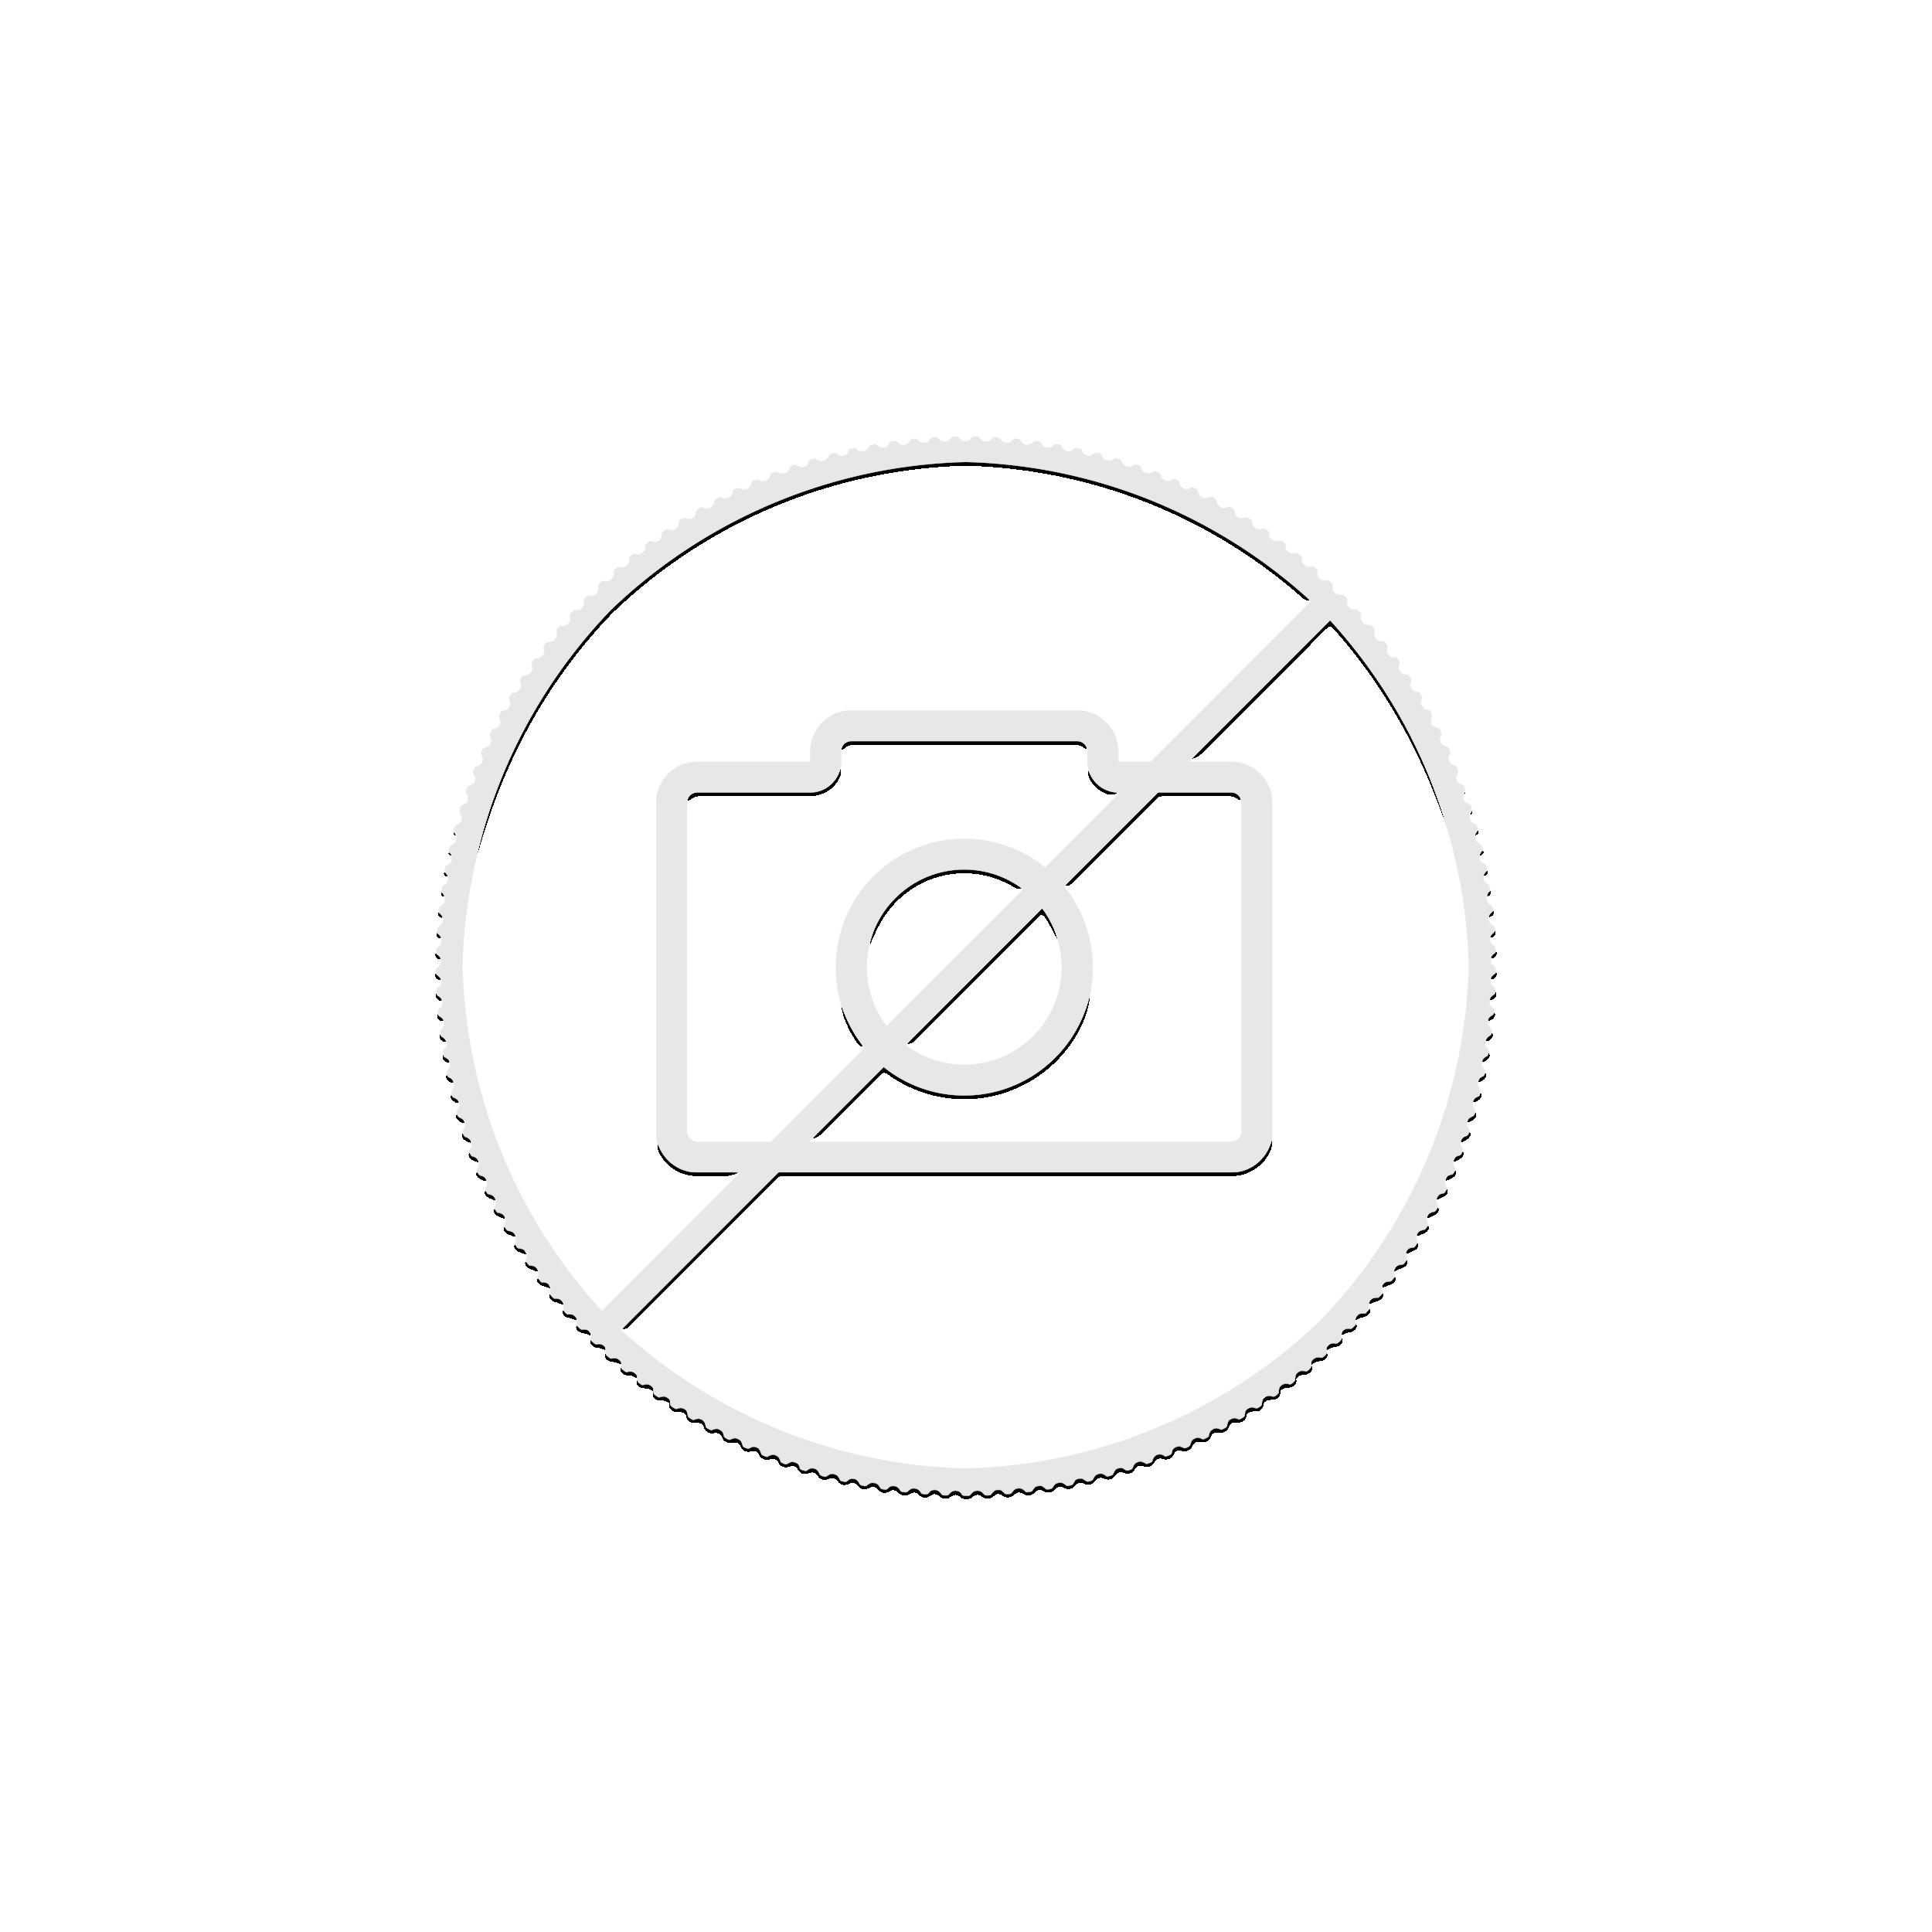 2 troy ounce zilveren munt Monkey King 2020